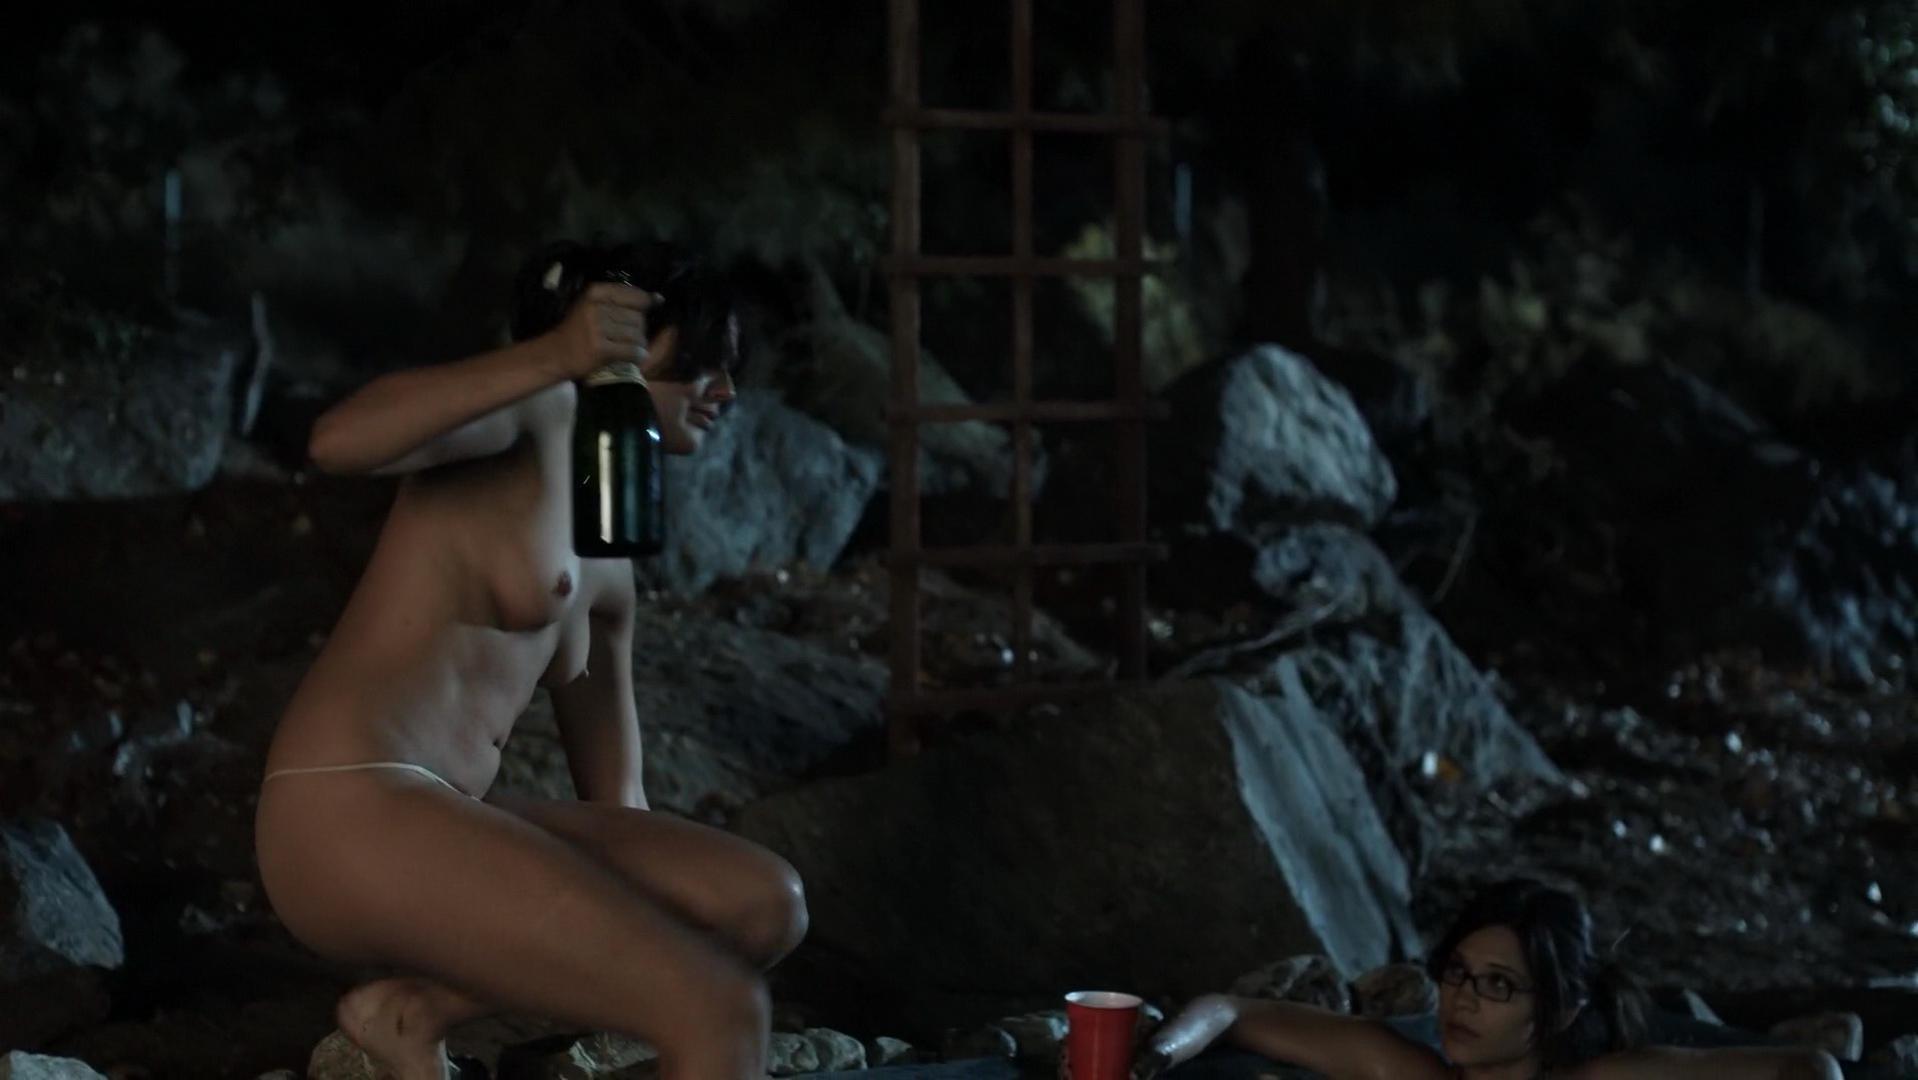 AnnaMaria Demara nude - Demon Legacy (2014)